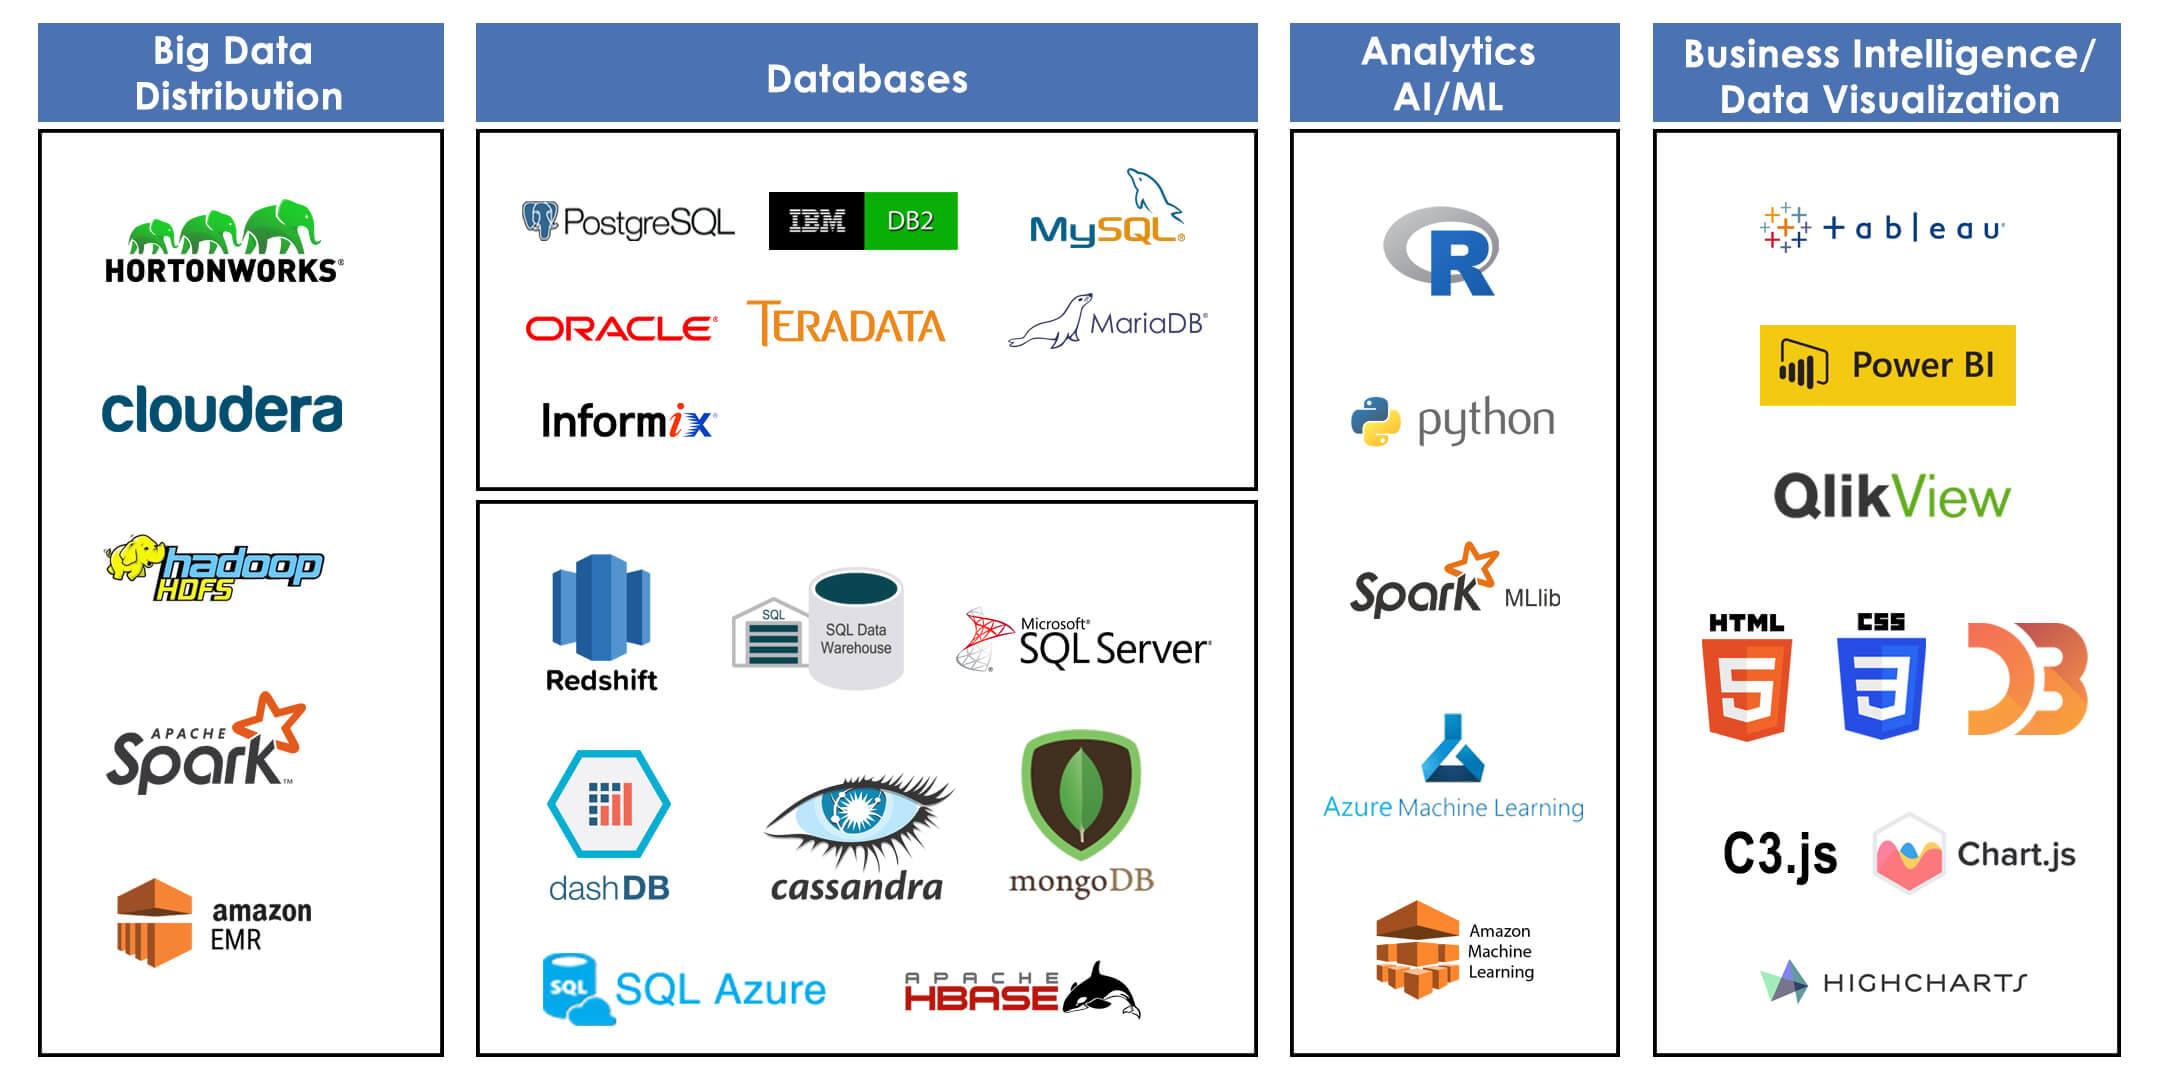 các công nghệ phục vụ big data